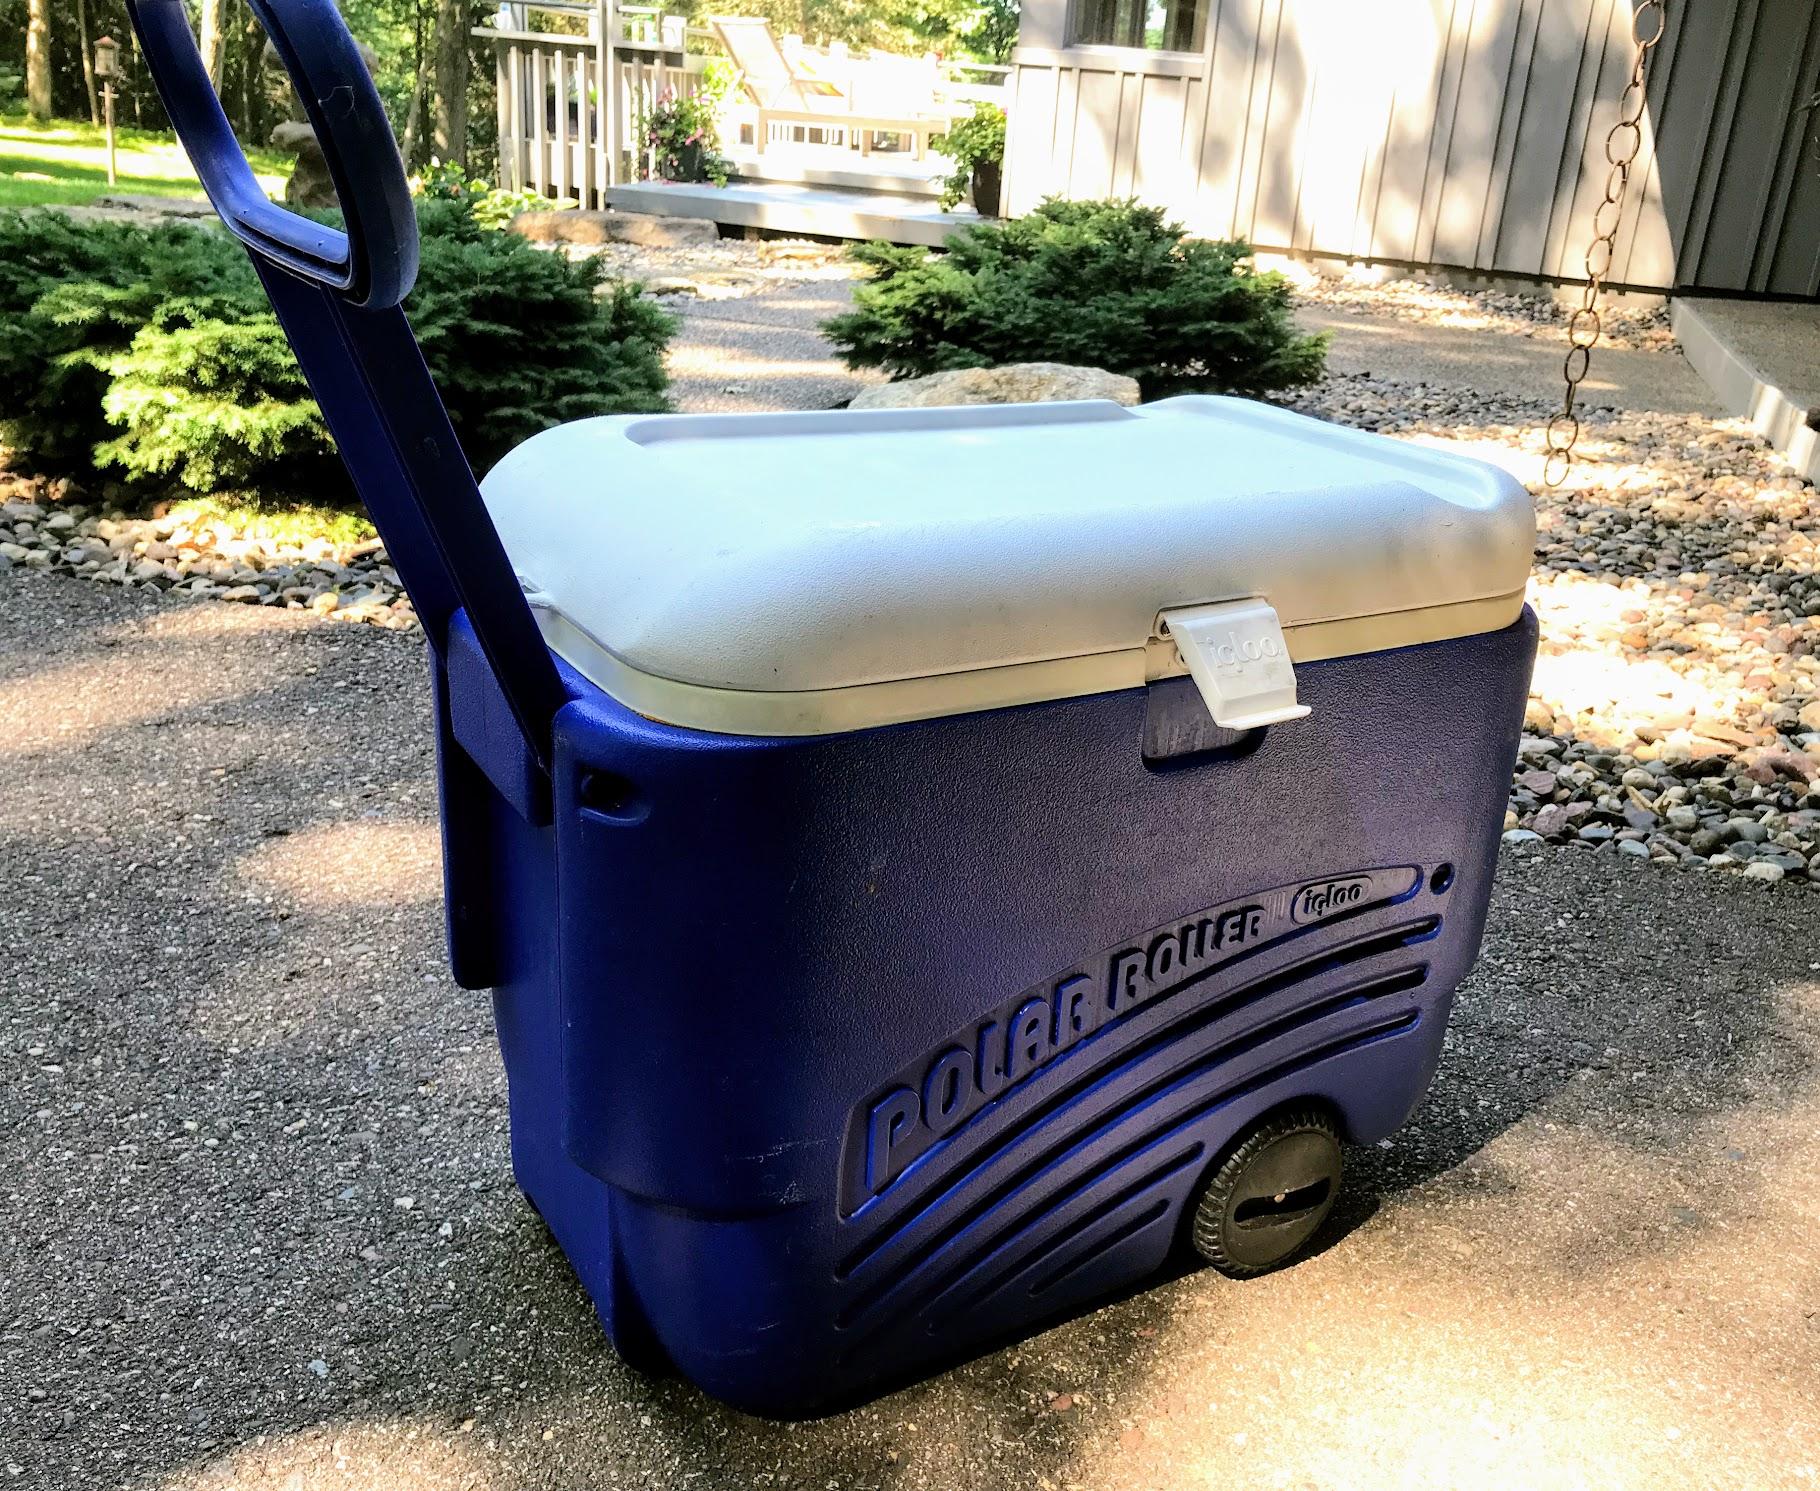 beach cooler on wheels